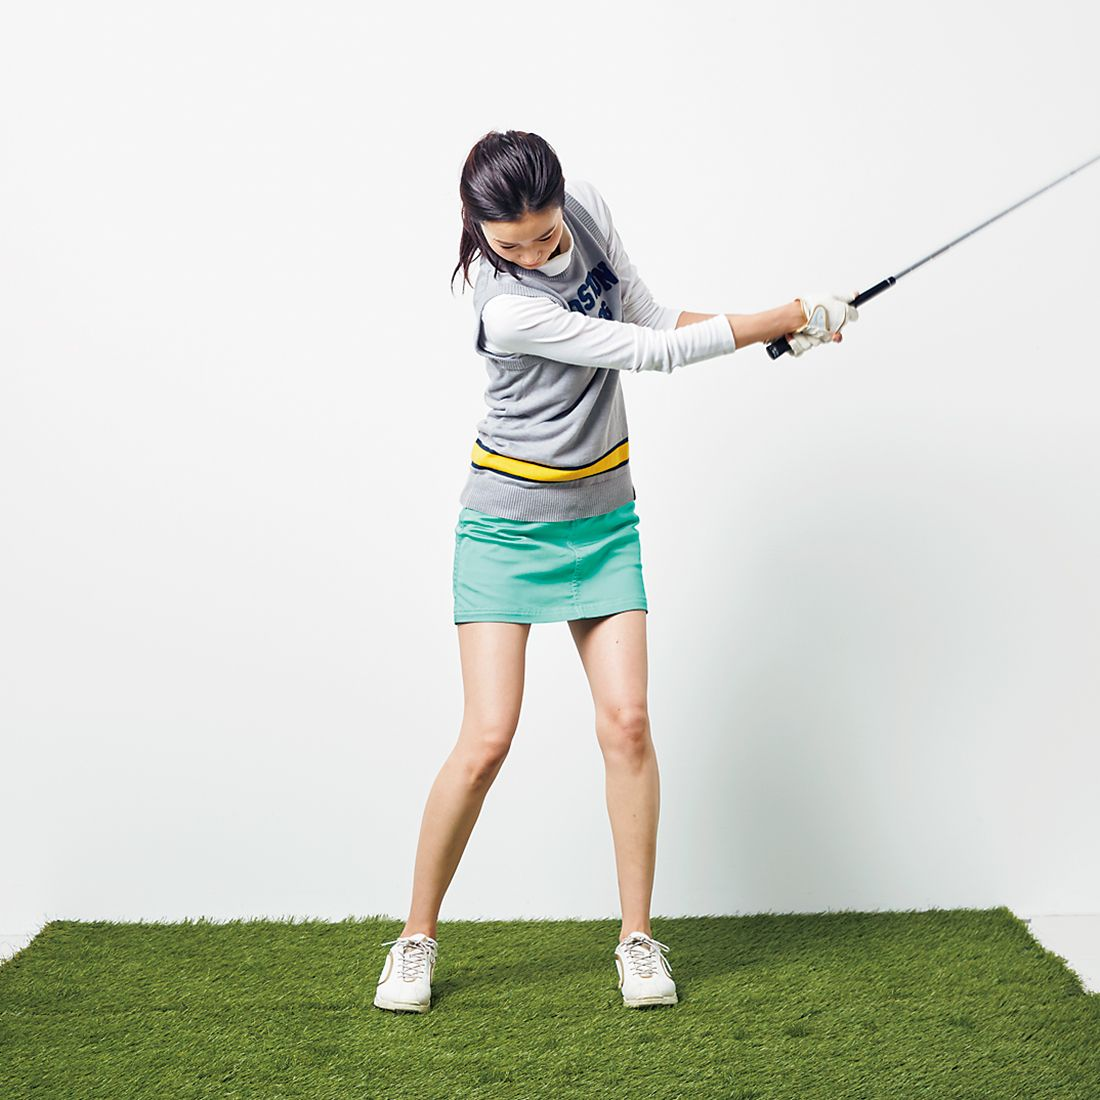 重心位置を探す効果的な方法は、インパクトの形からフォローだけでボールを飛ばすこと。